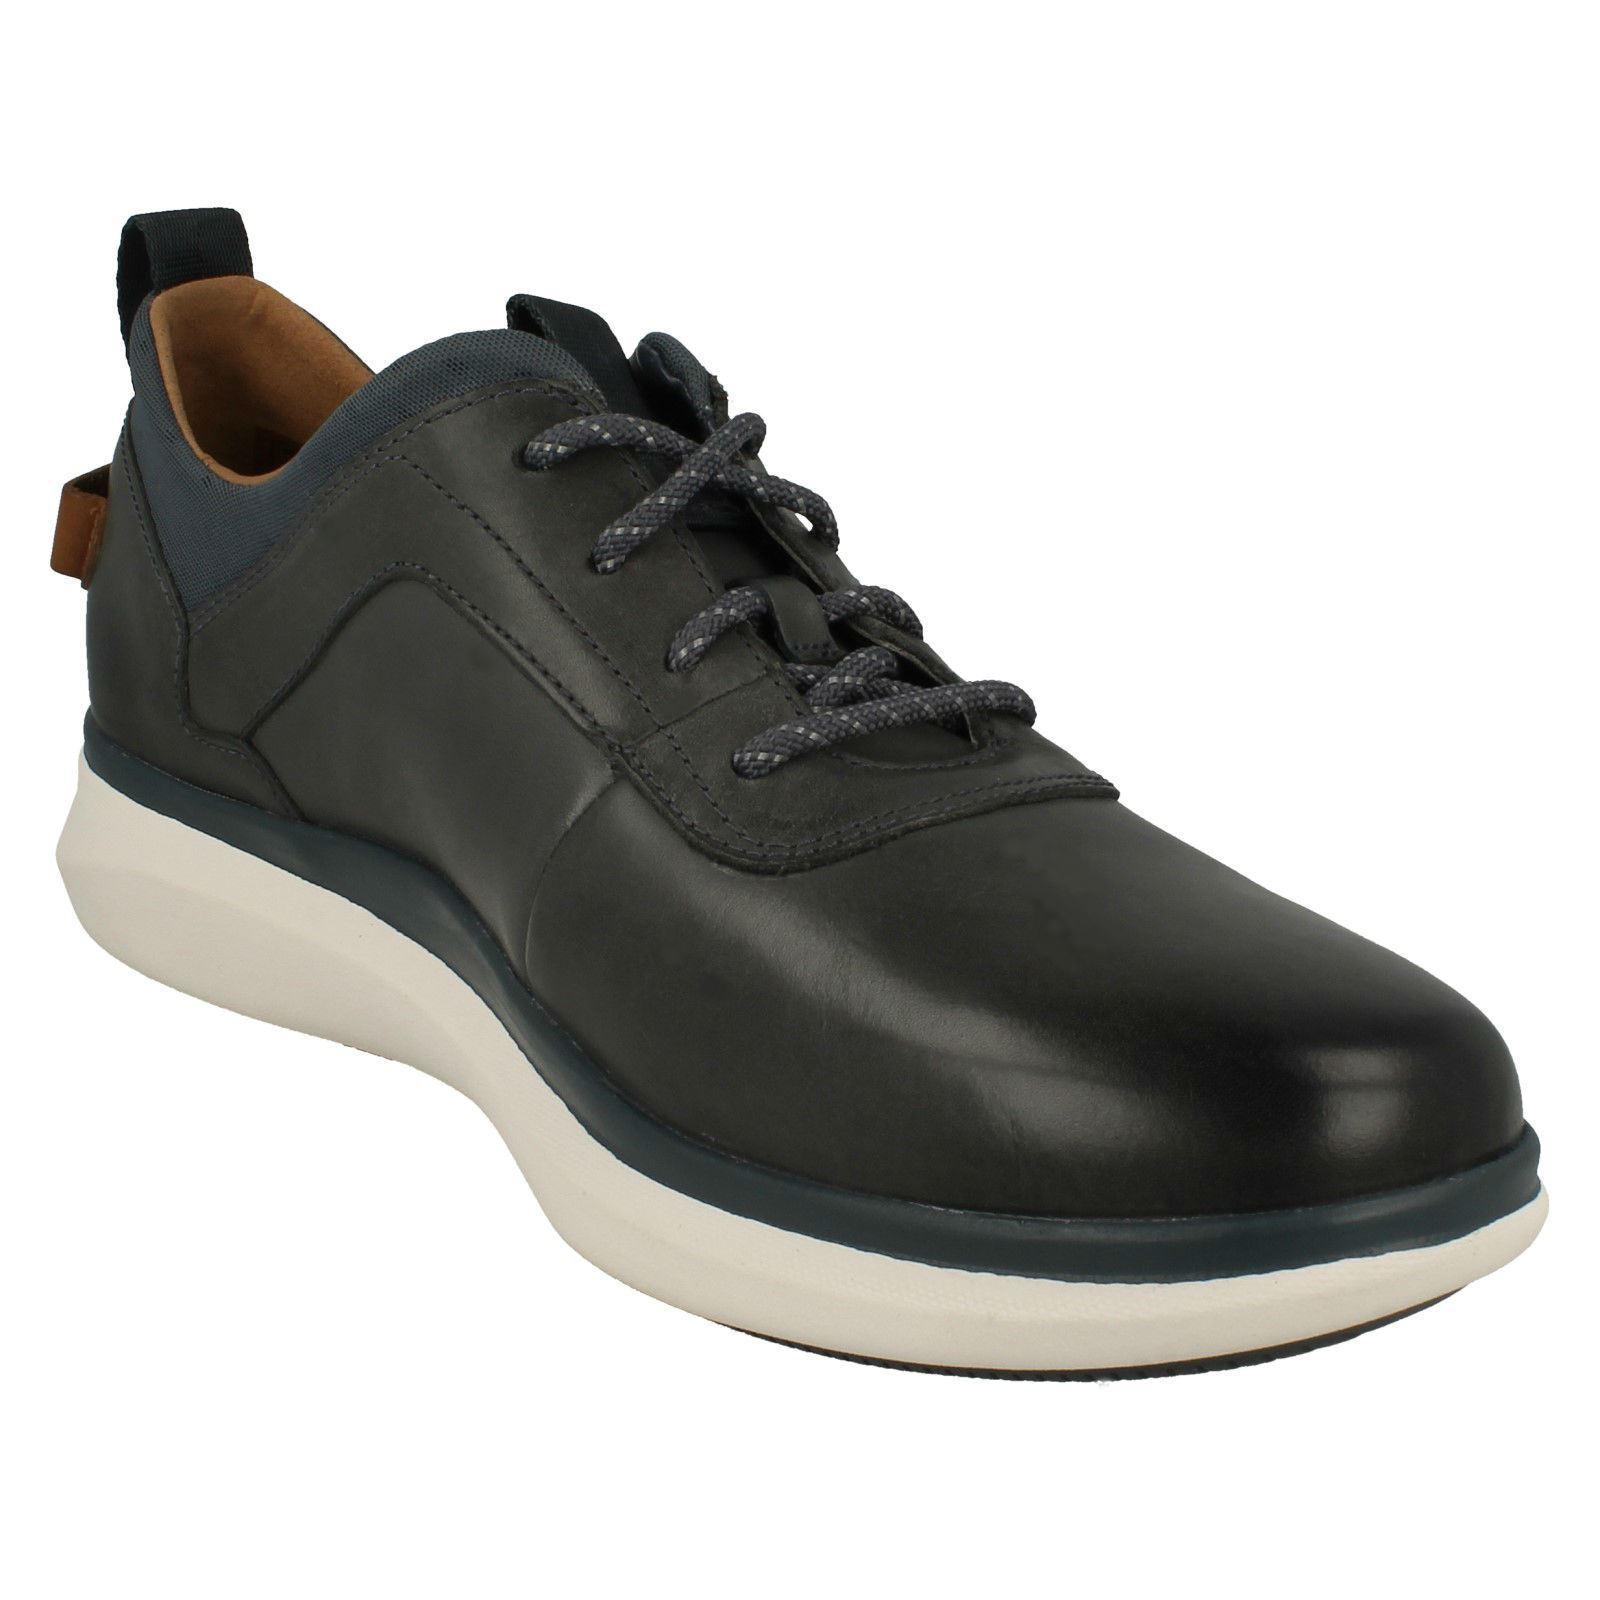 Clarks Chaussures Vibe Hommes Lacets Globe Un À Décontractées vdn4q6